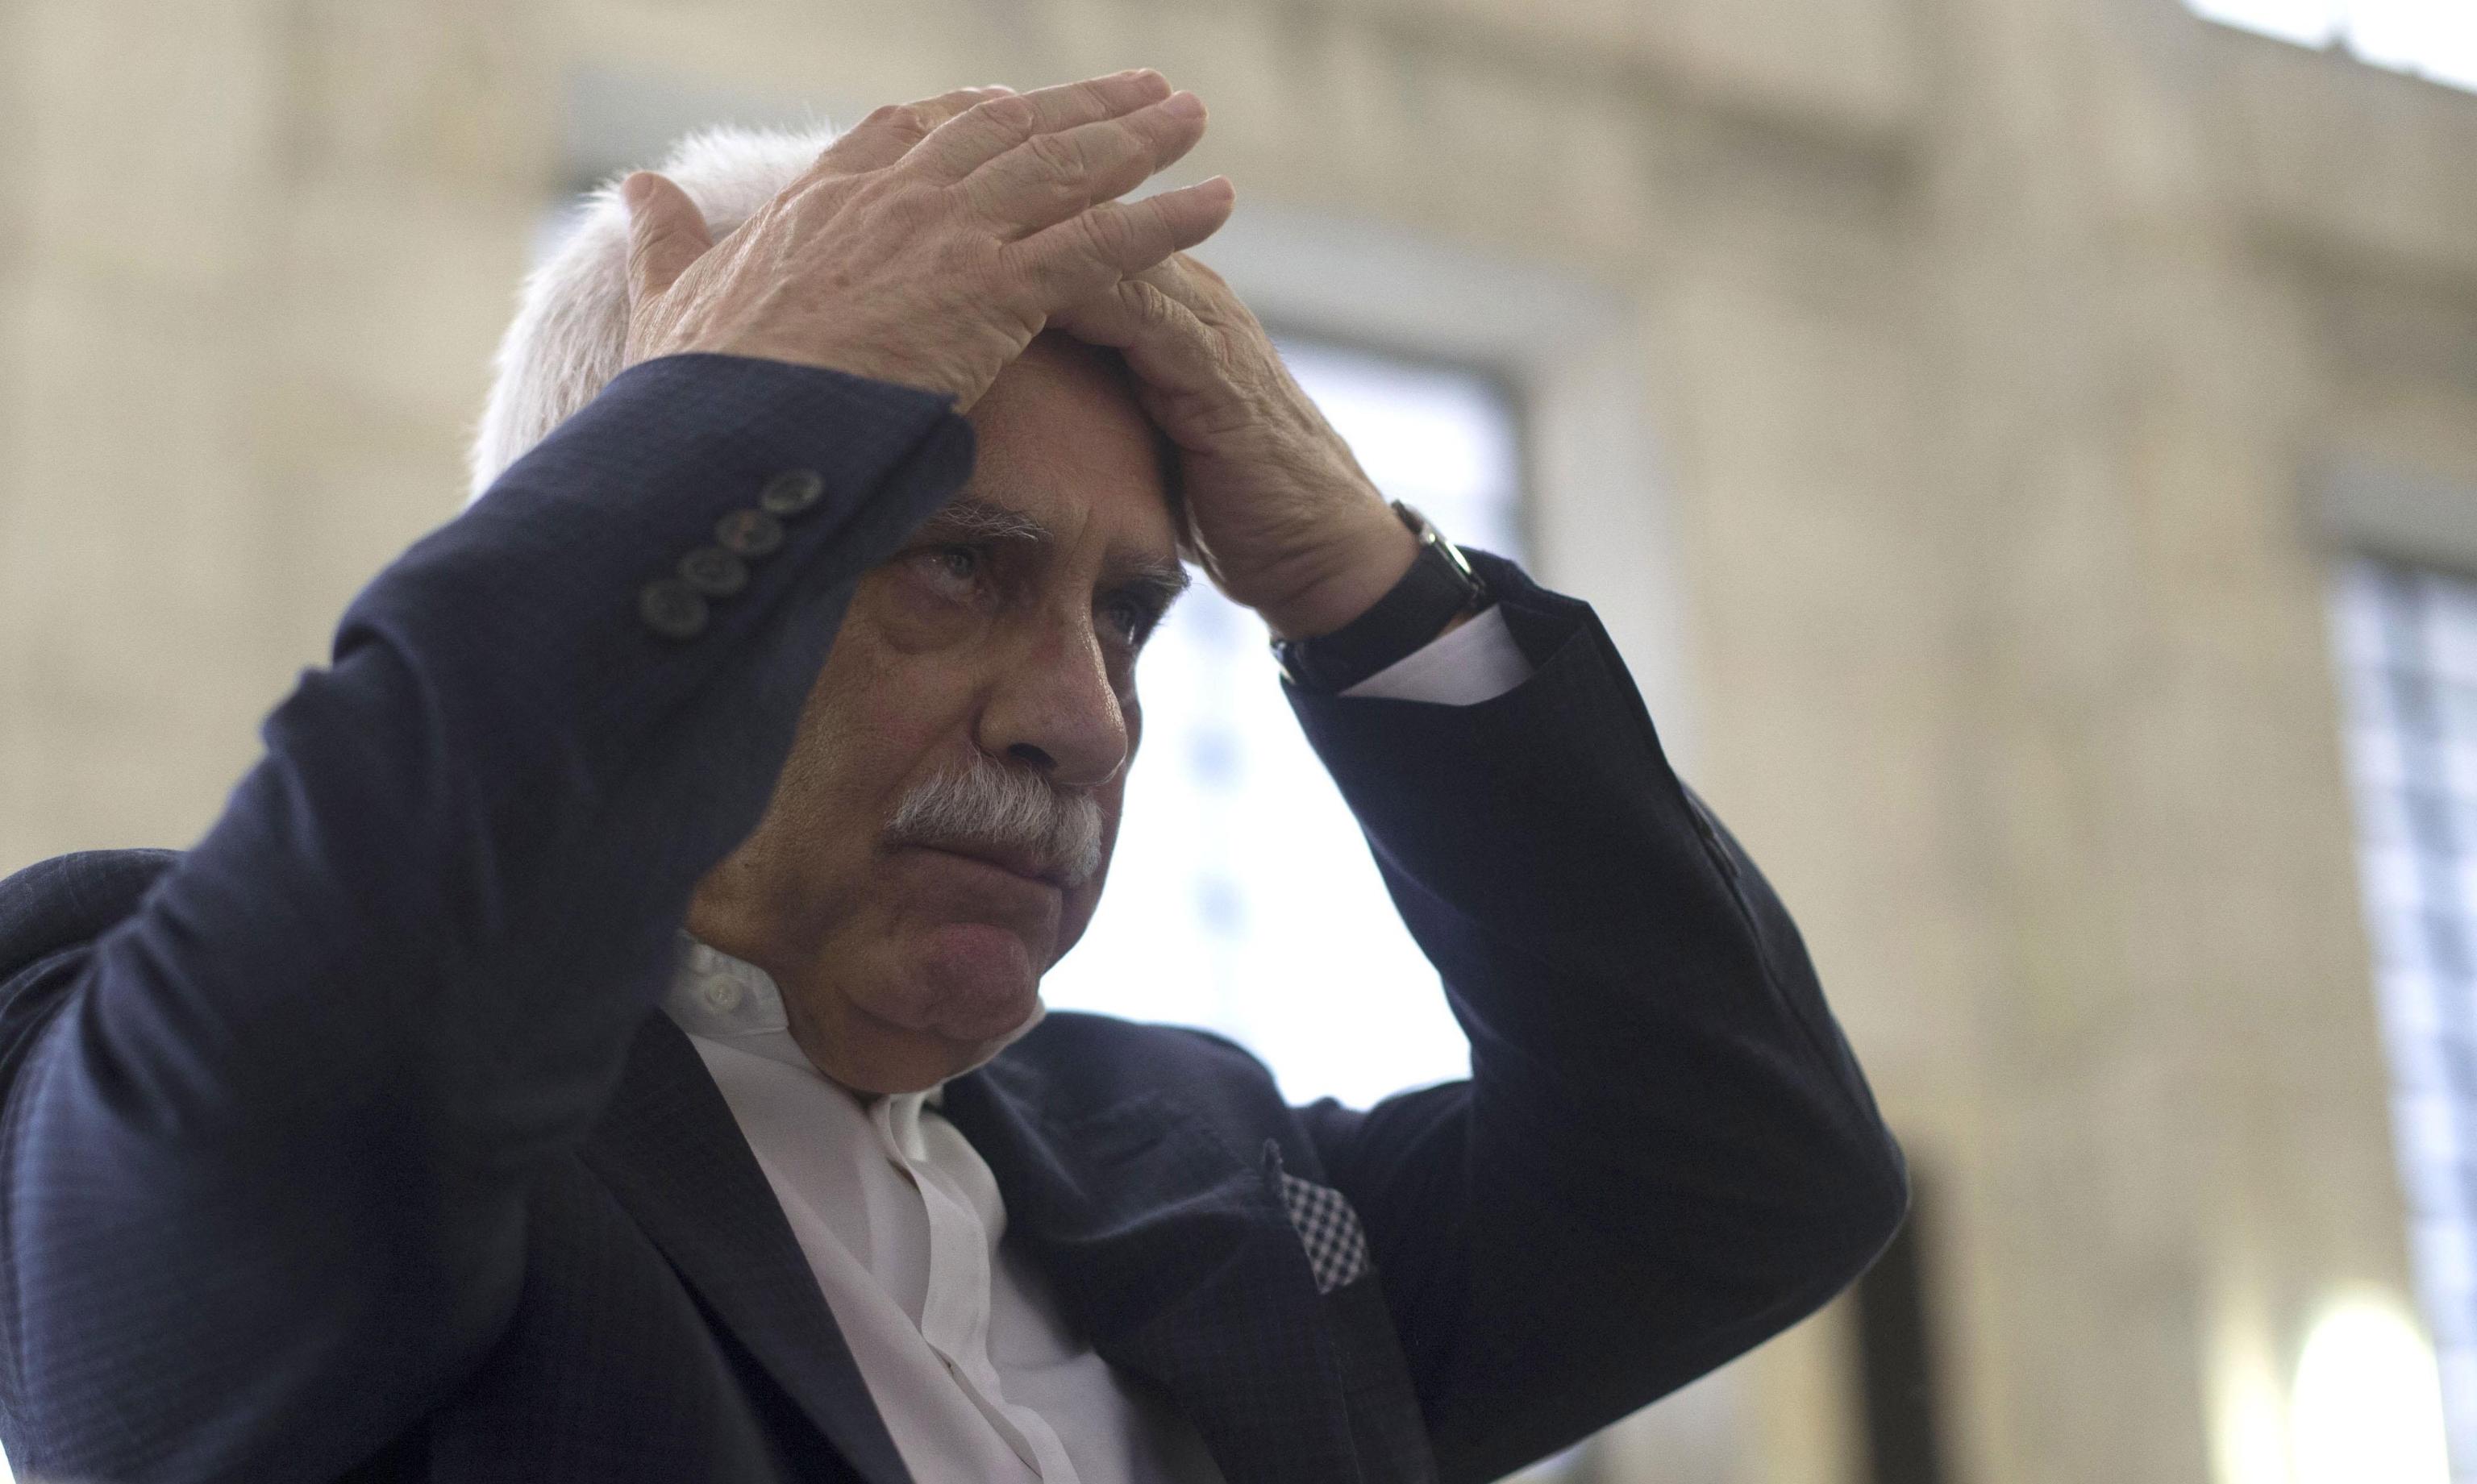 Antinori, chiesti 9 anni carcere